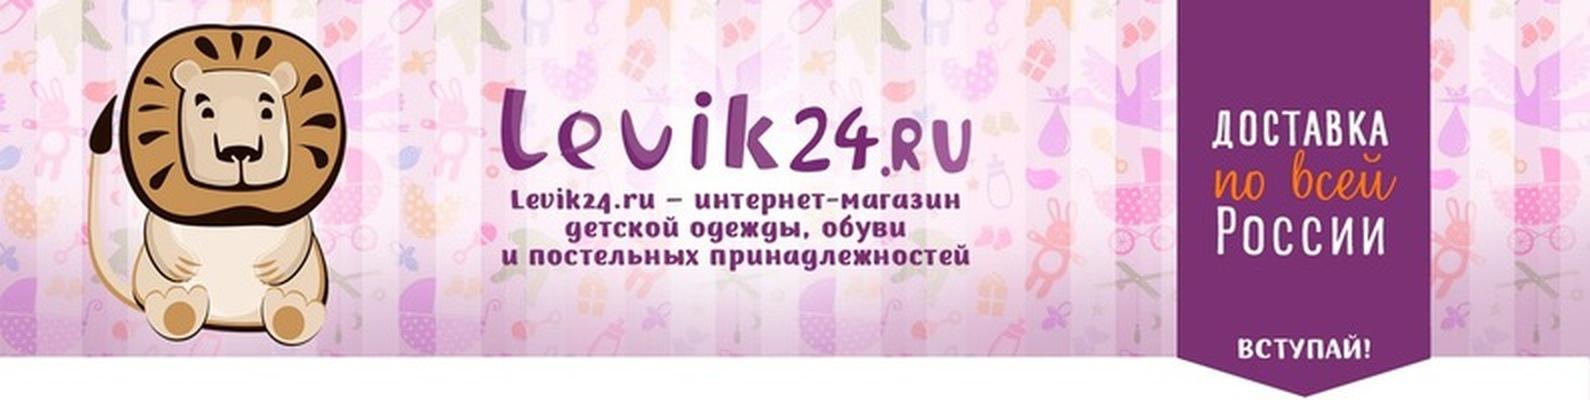 Левик 24 Интернет Магазин Симферополь